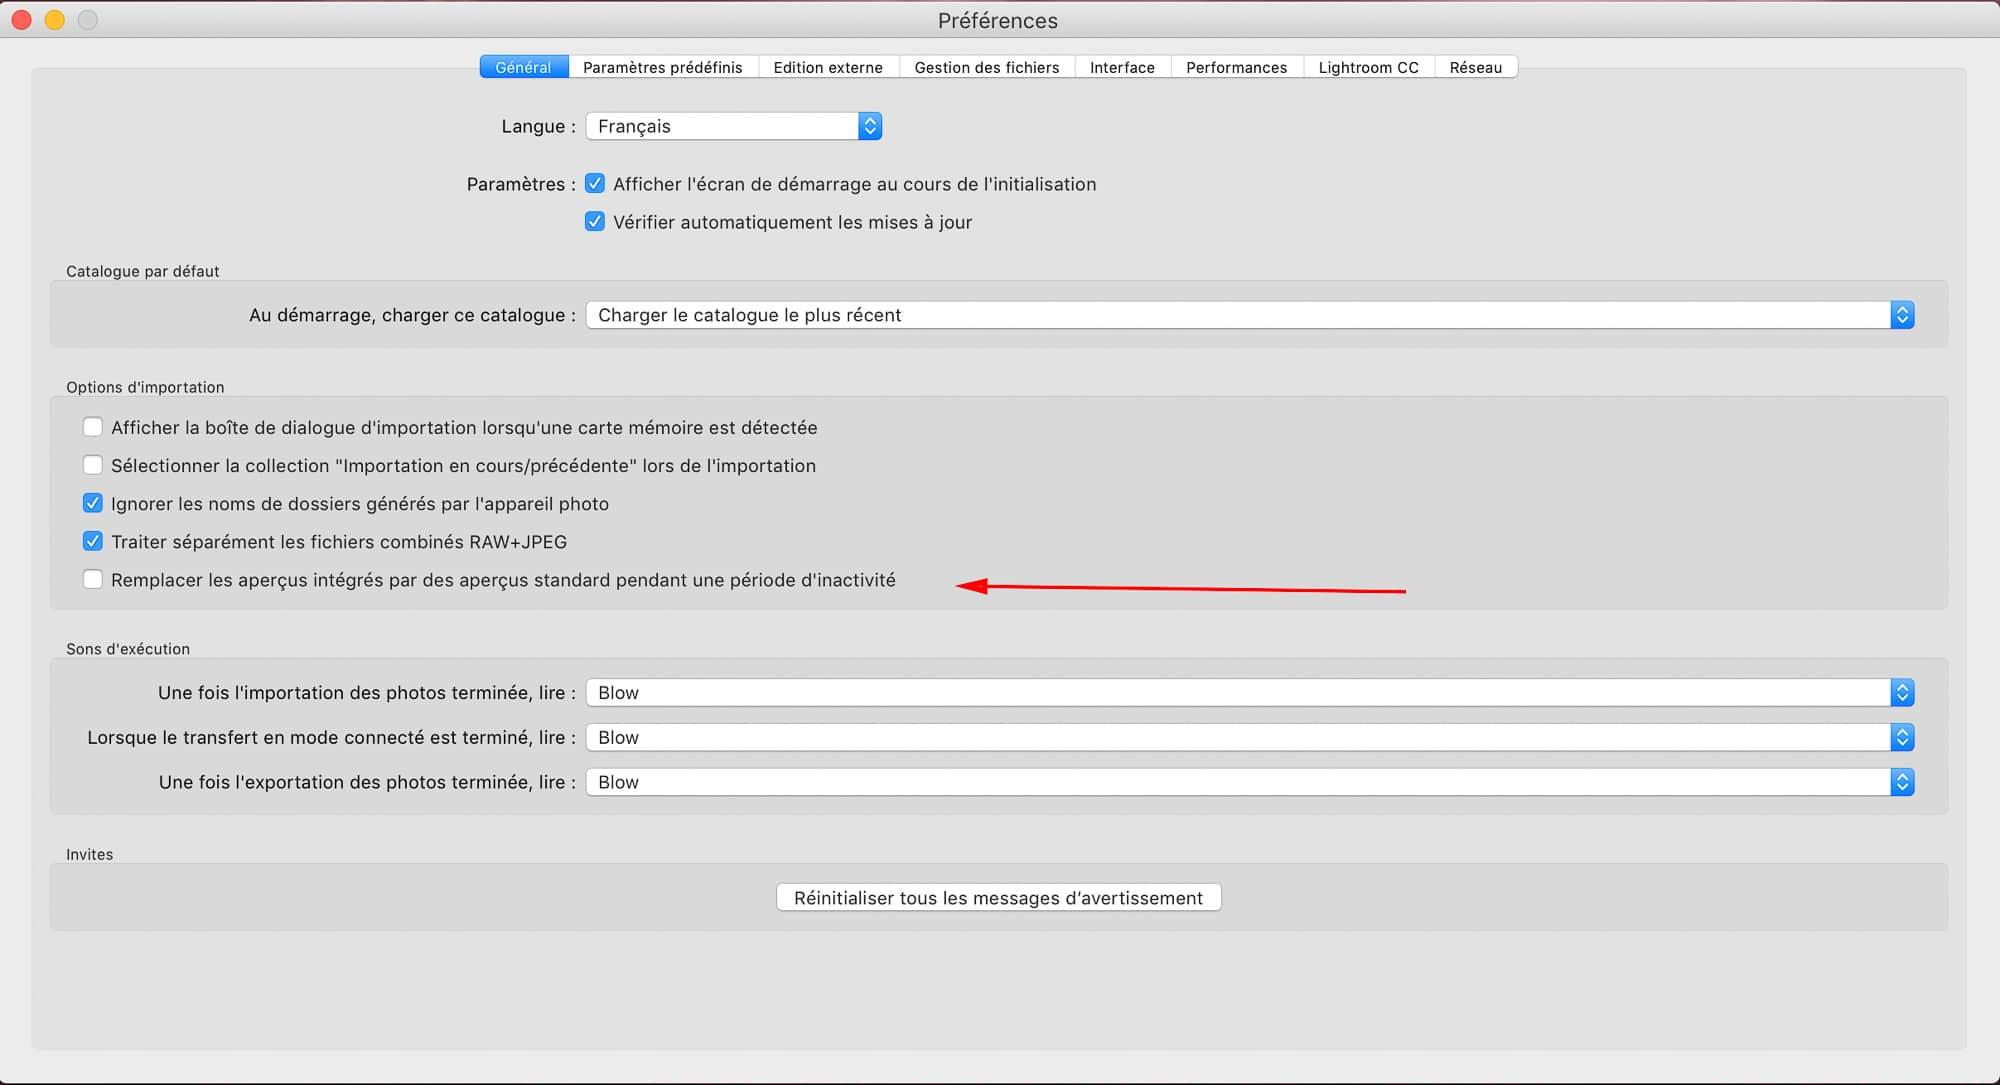 Remplacer les aperçus intégrés par des aperçus standard automatiquement